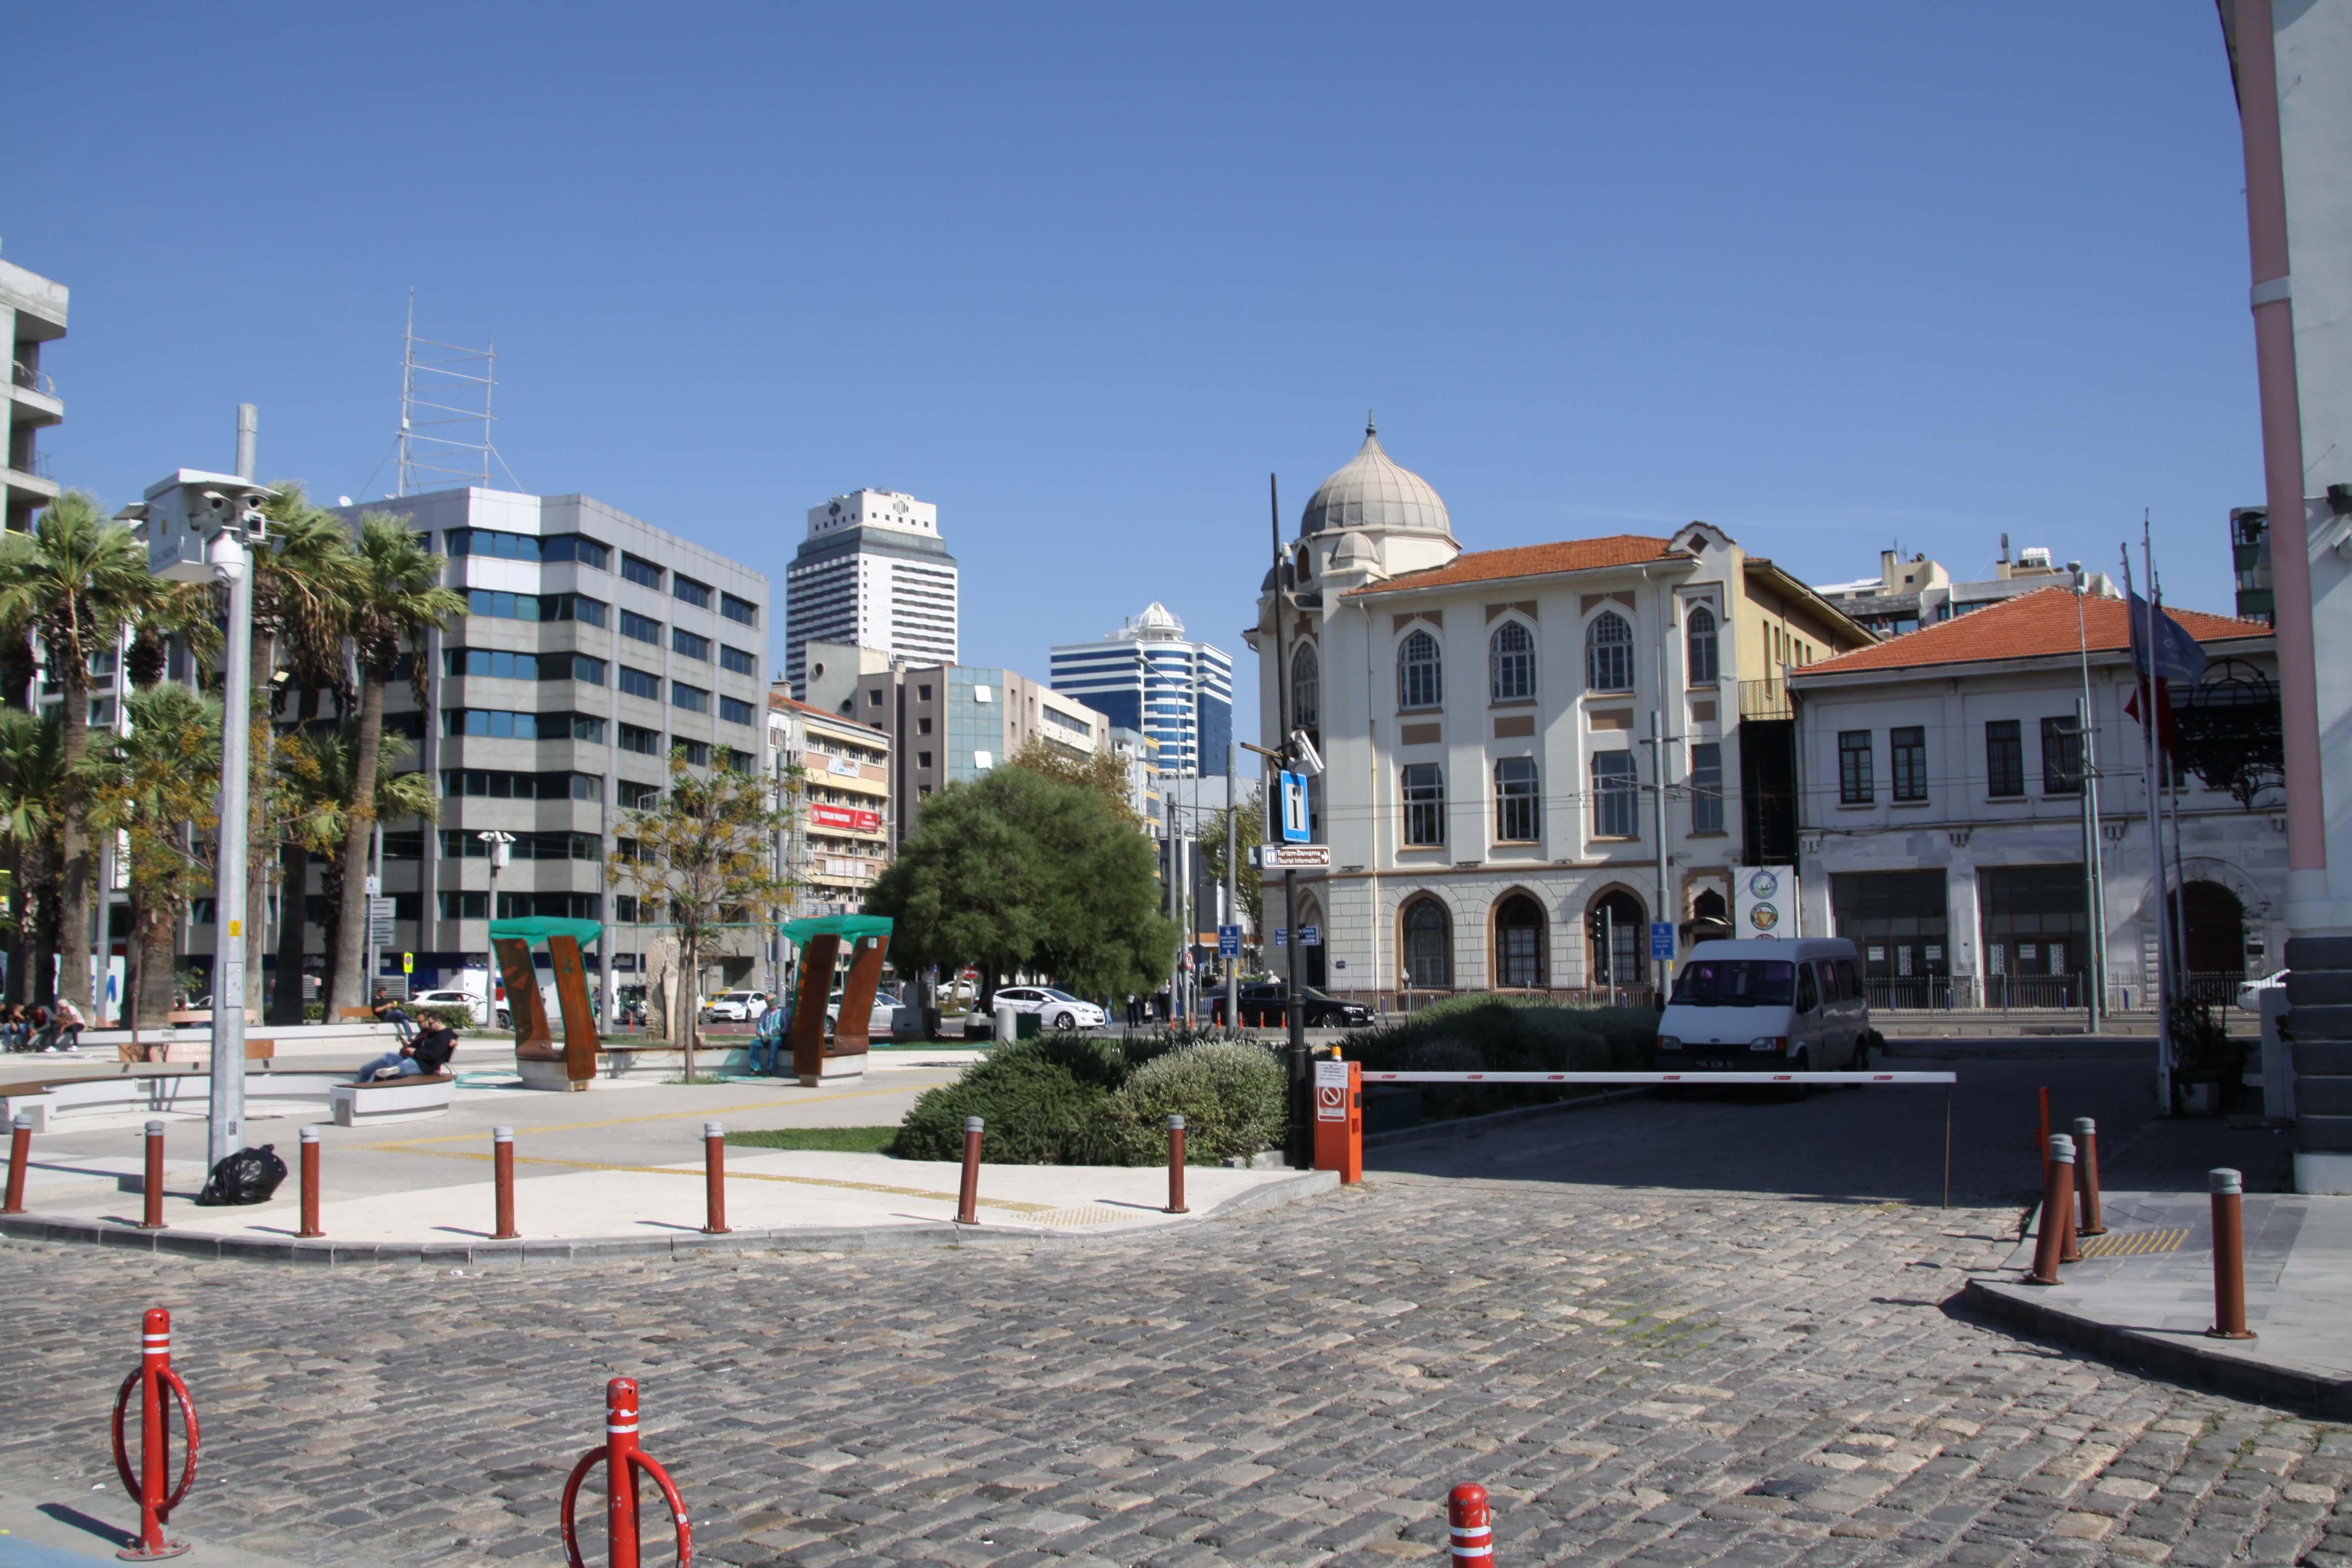 Αποστολή του fourtounis.gr στην Χίο – Τσεσμέ – Σμύρνη [ φωτο] (3)